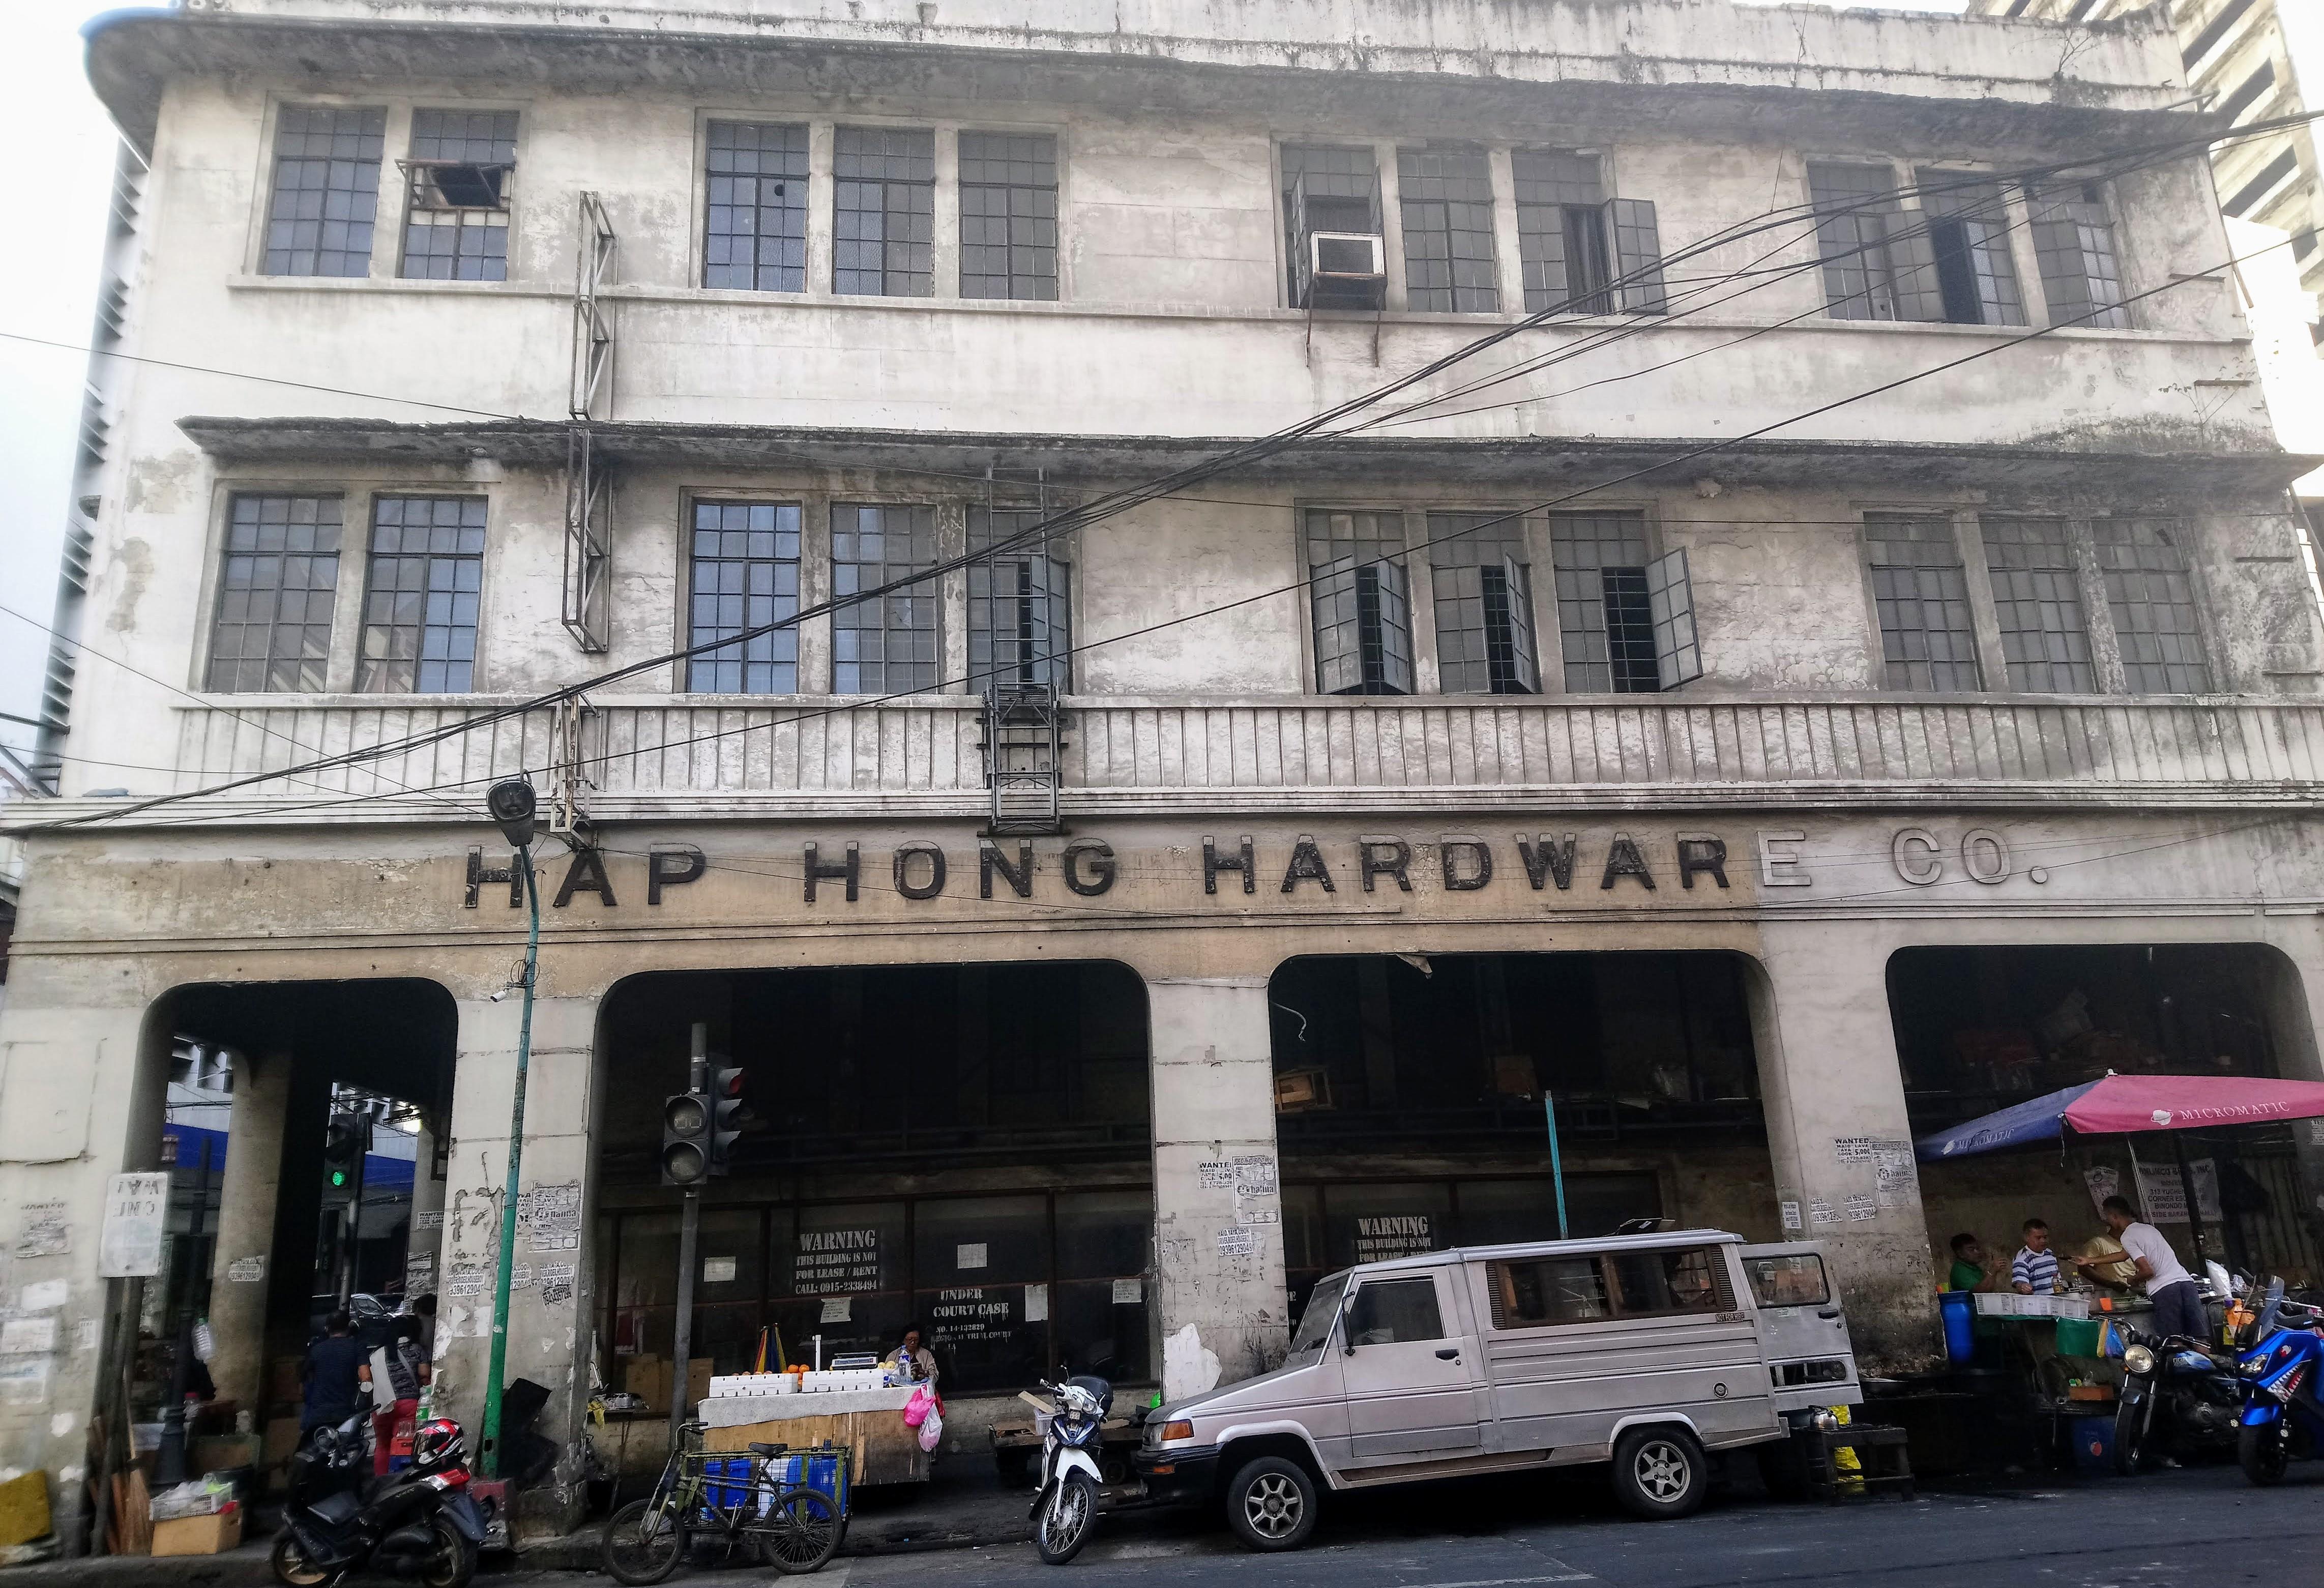 hap-hong-hardware-building